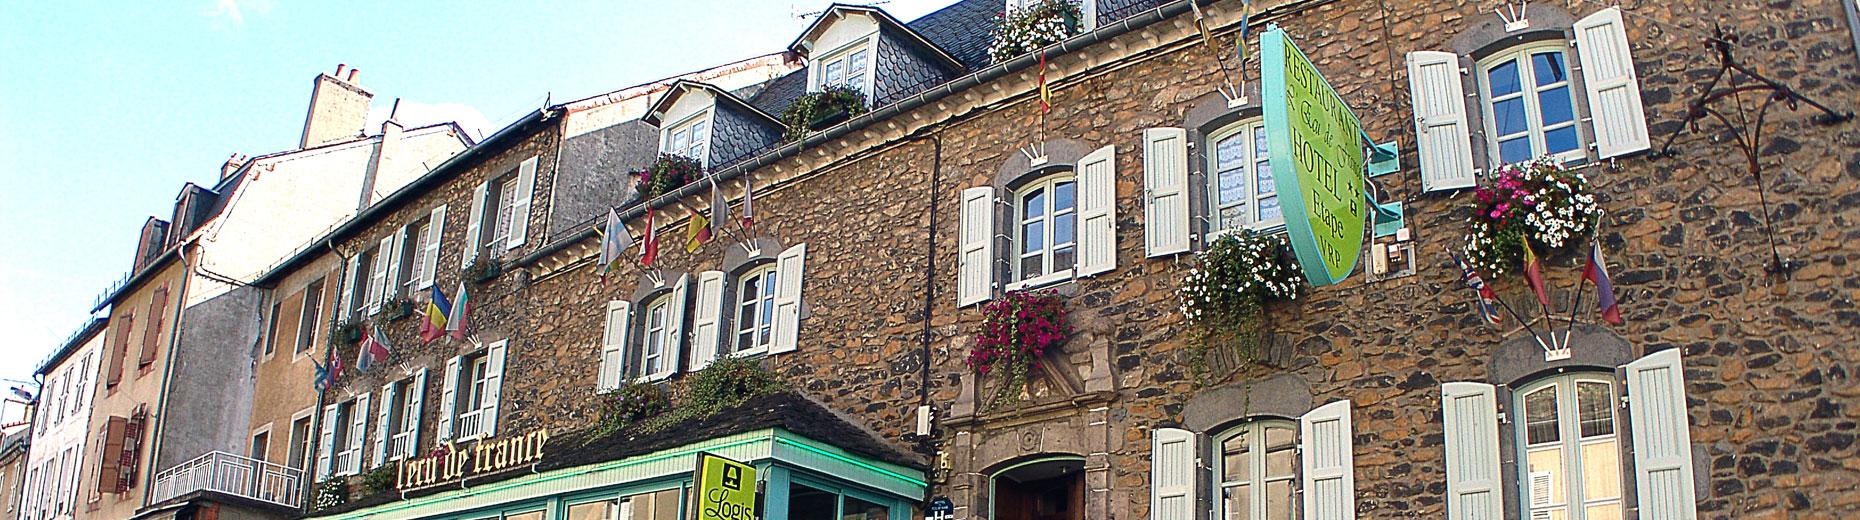 facade-hotel-1860x520